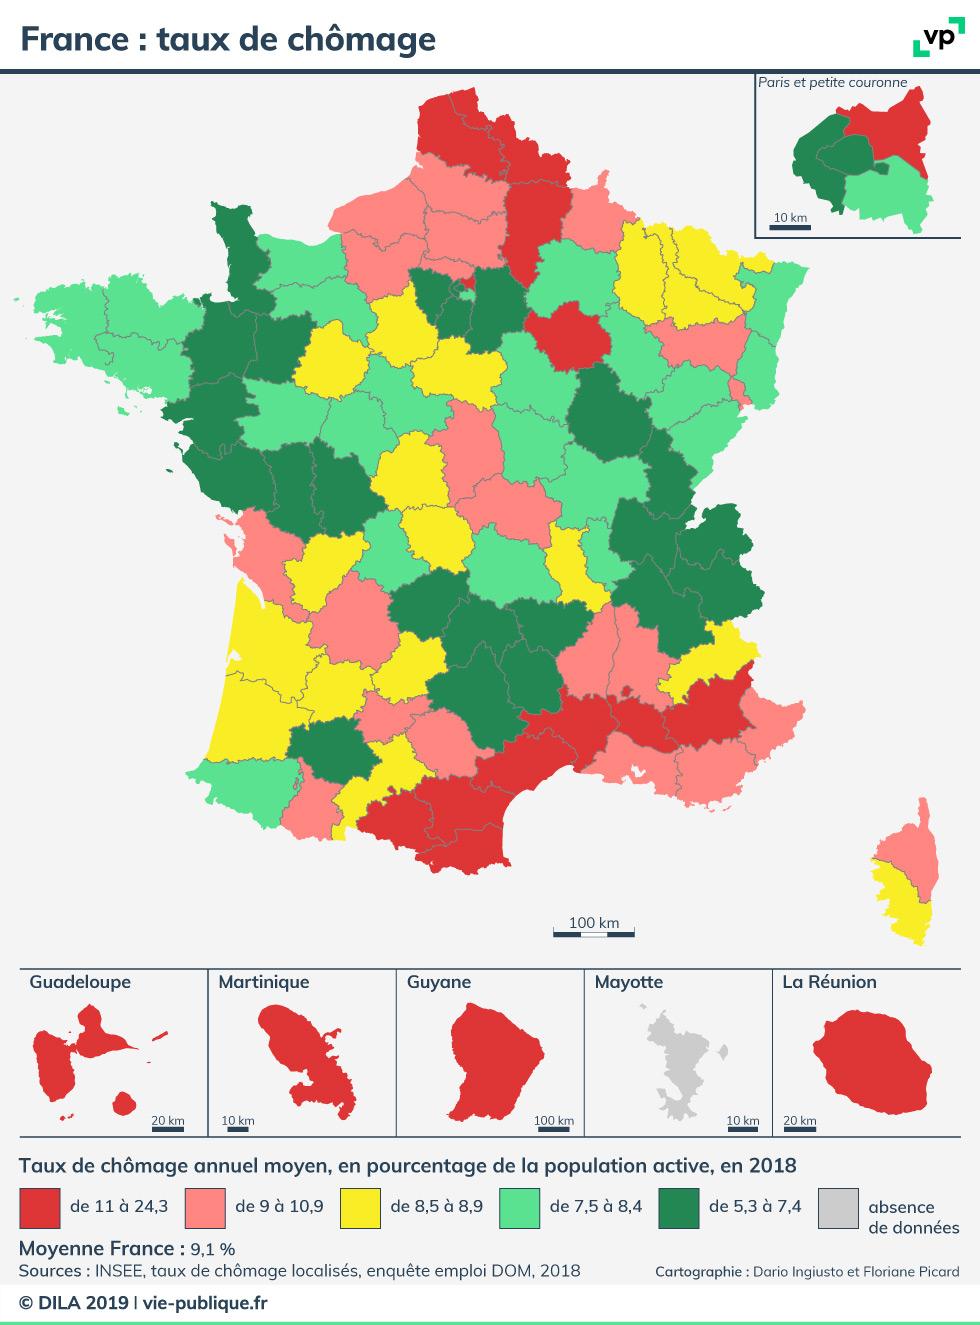 France : Taux De Chômage En 2018 | Vie Publique concernant Carte France D Outre Mer